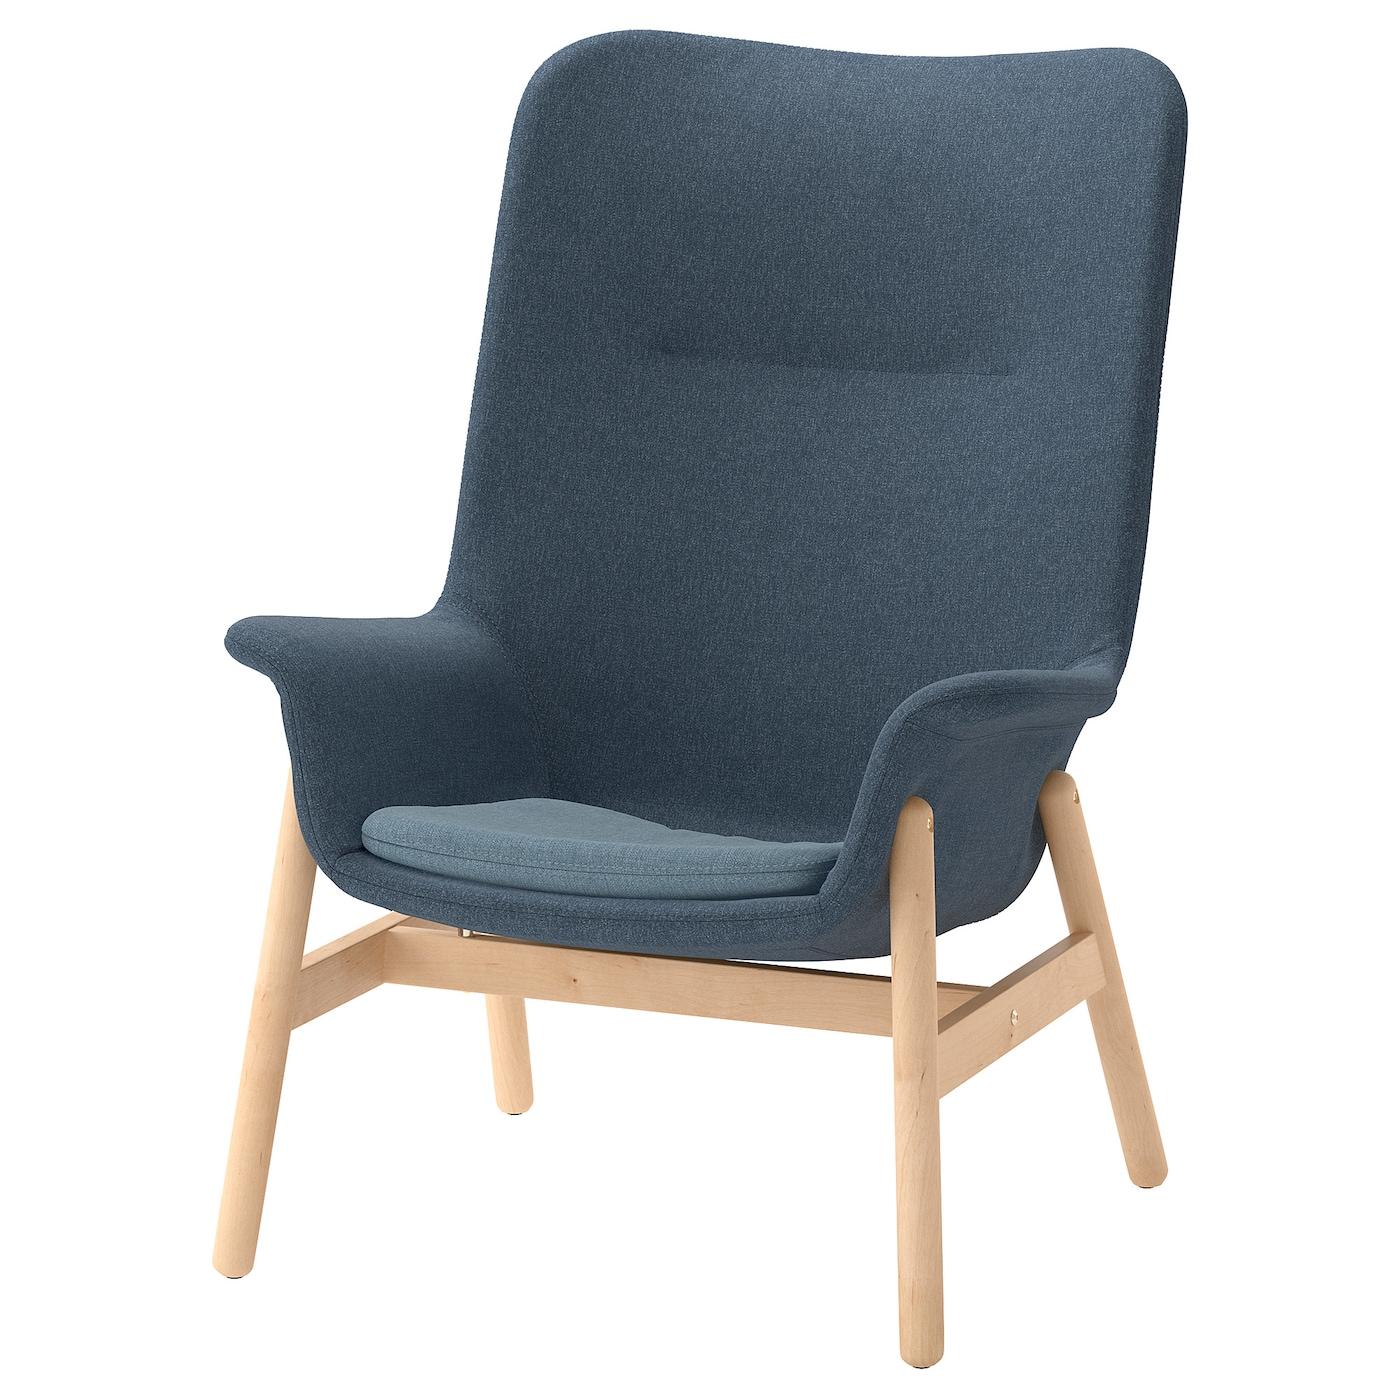 VEDBO Sessel mit hoher rückenlehne - Gunnared blau - IKEA ...